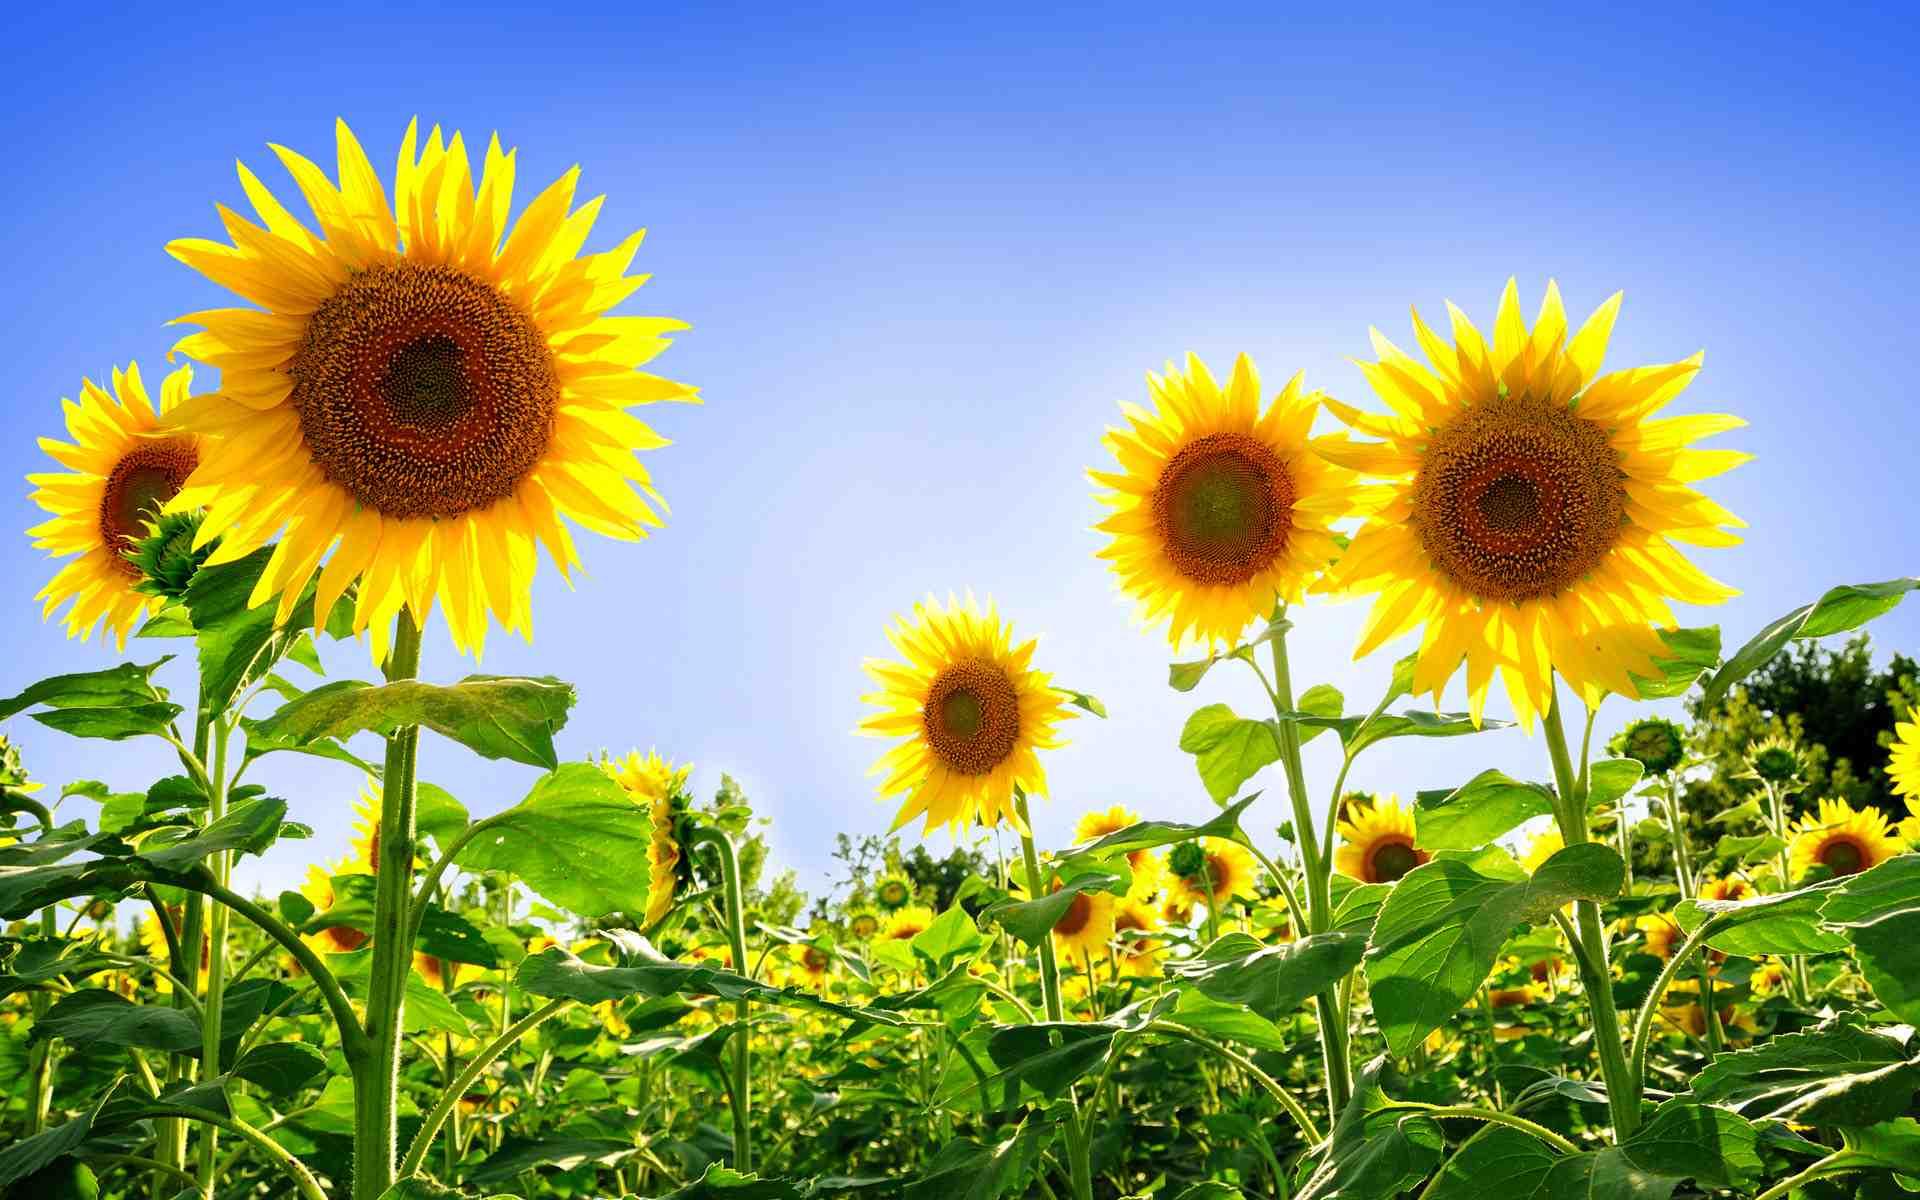 Hình ảnh 1 bông hoa hướng dương